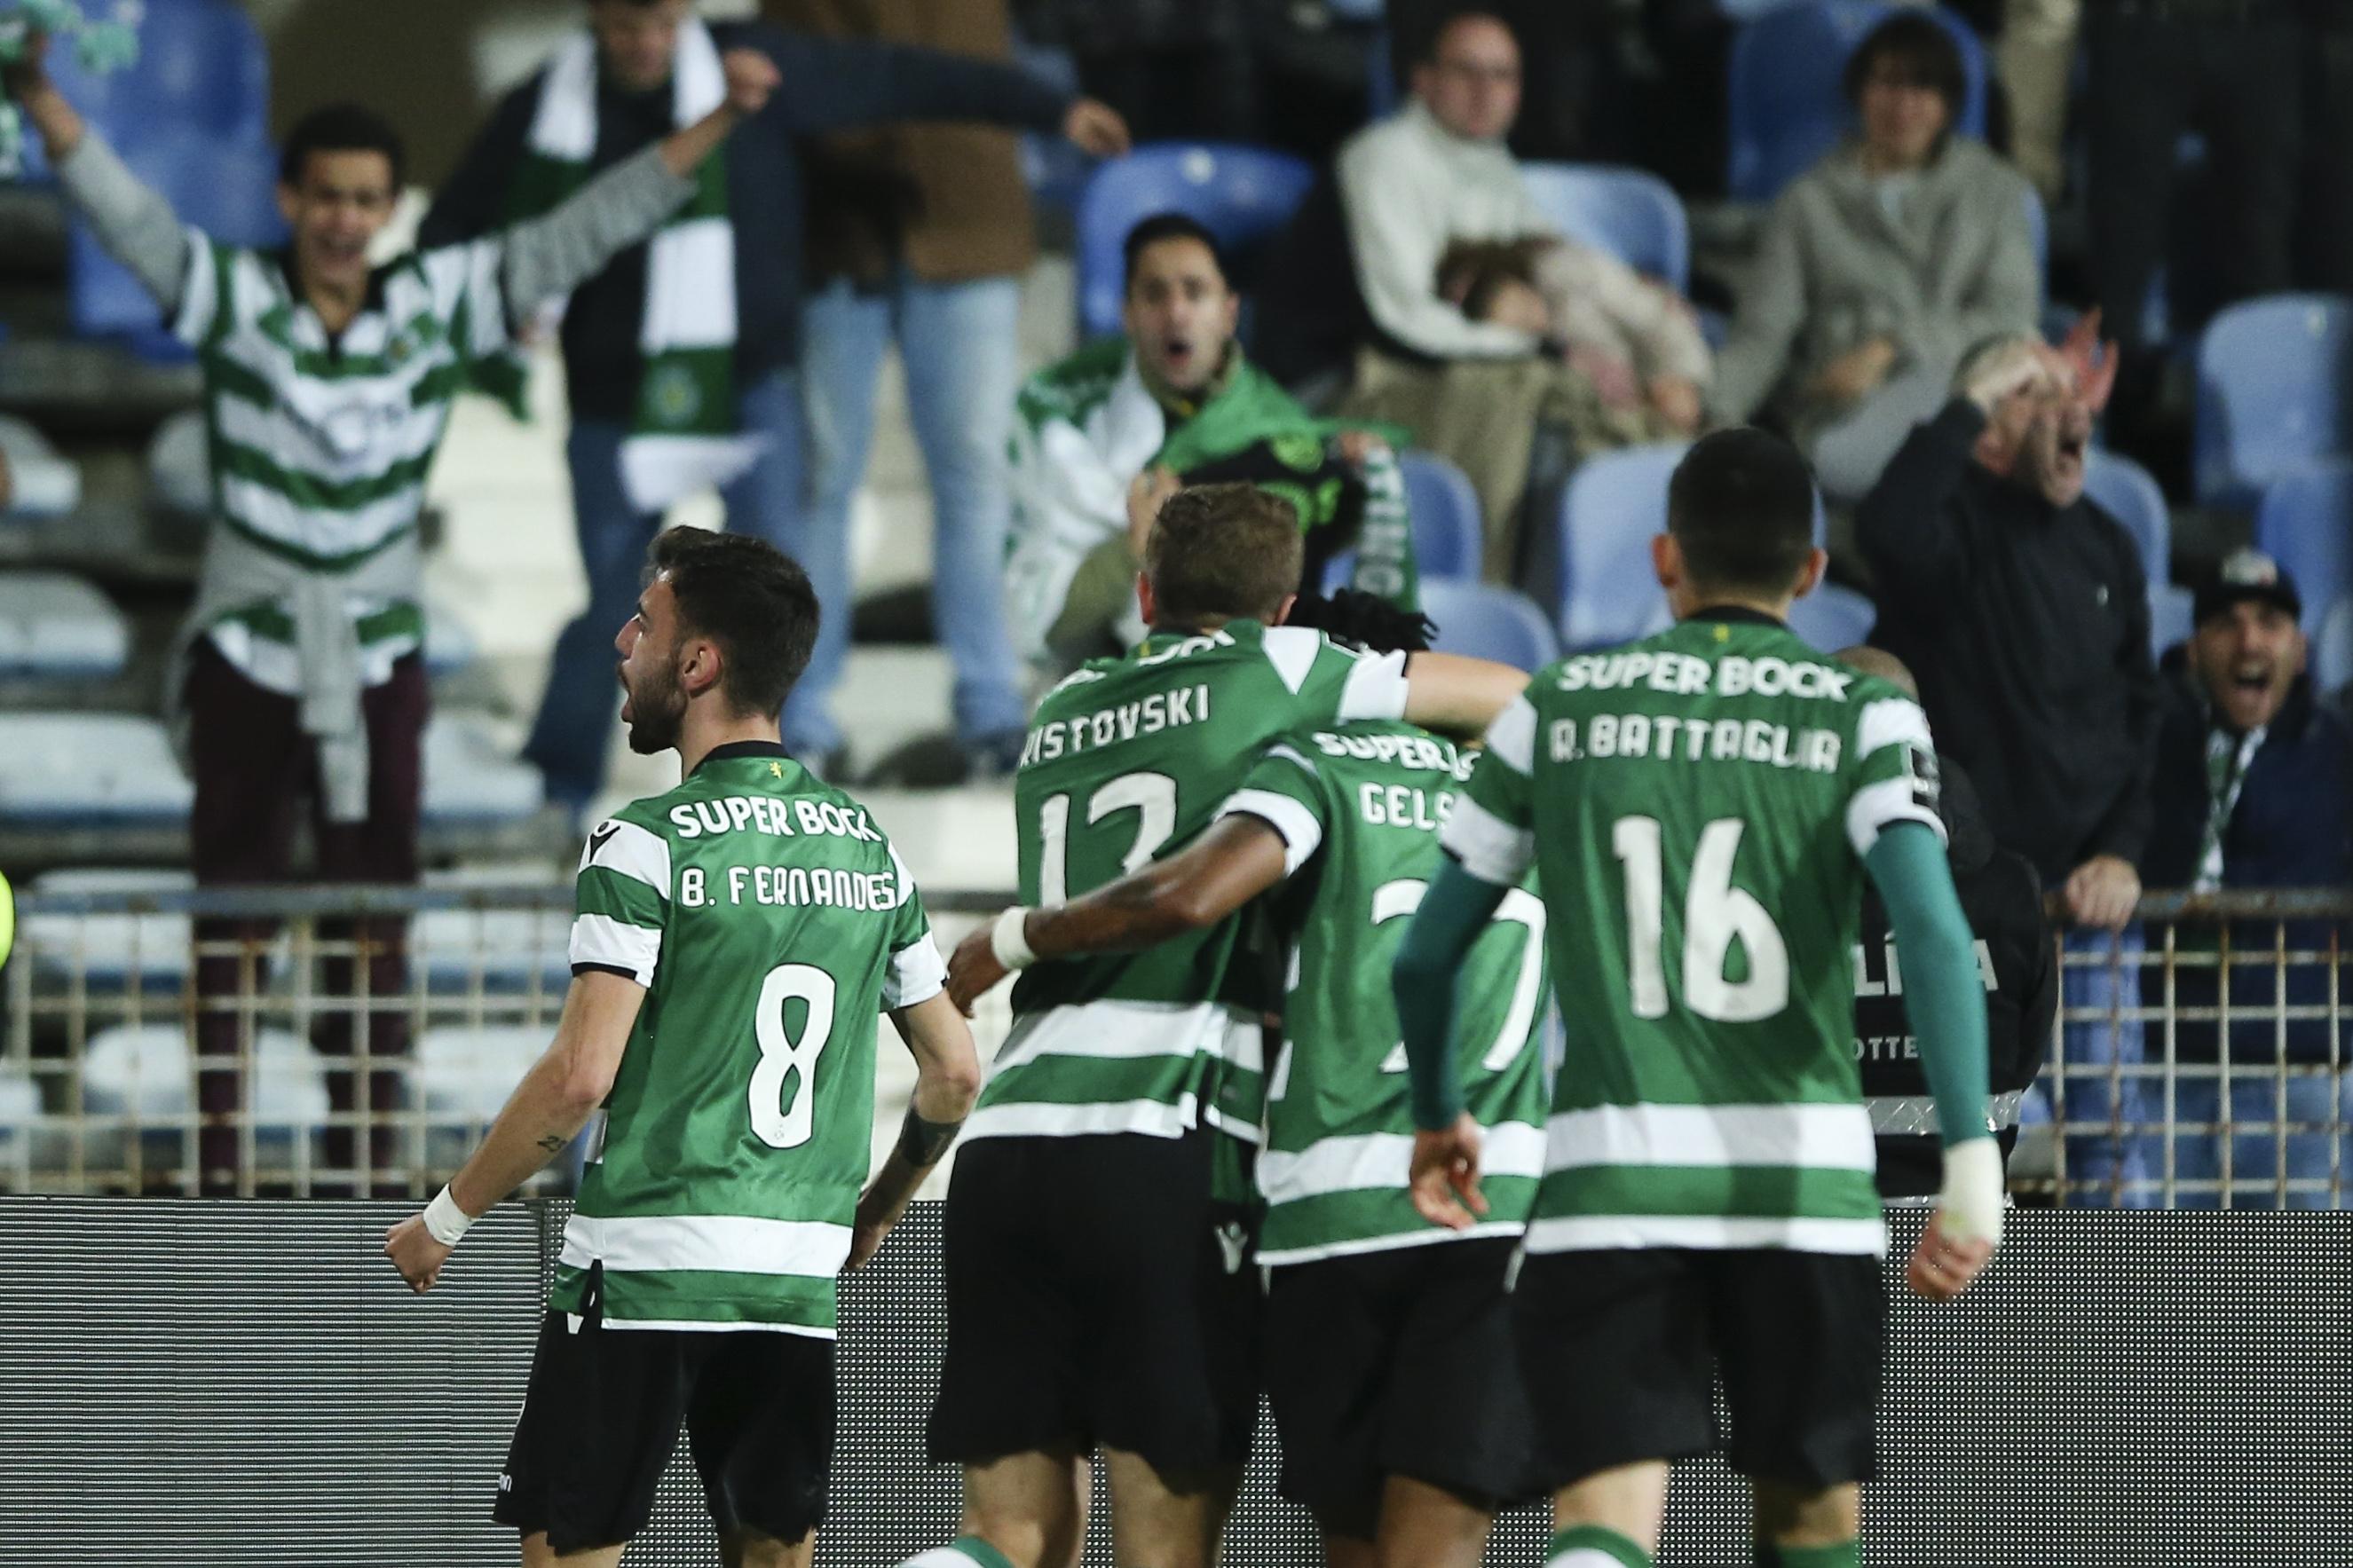 Costa garante presença na final da Taça de Portugal